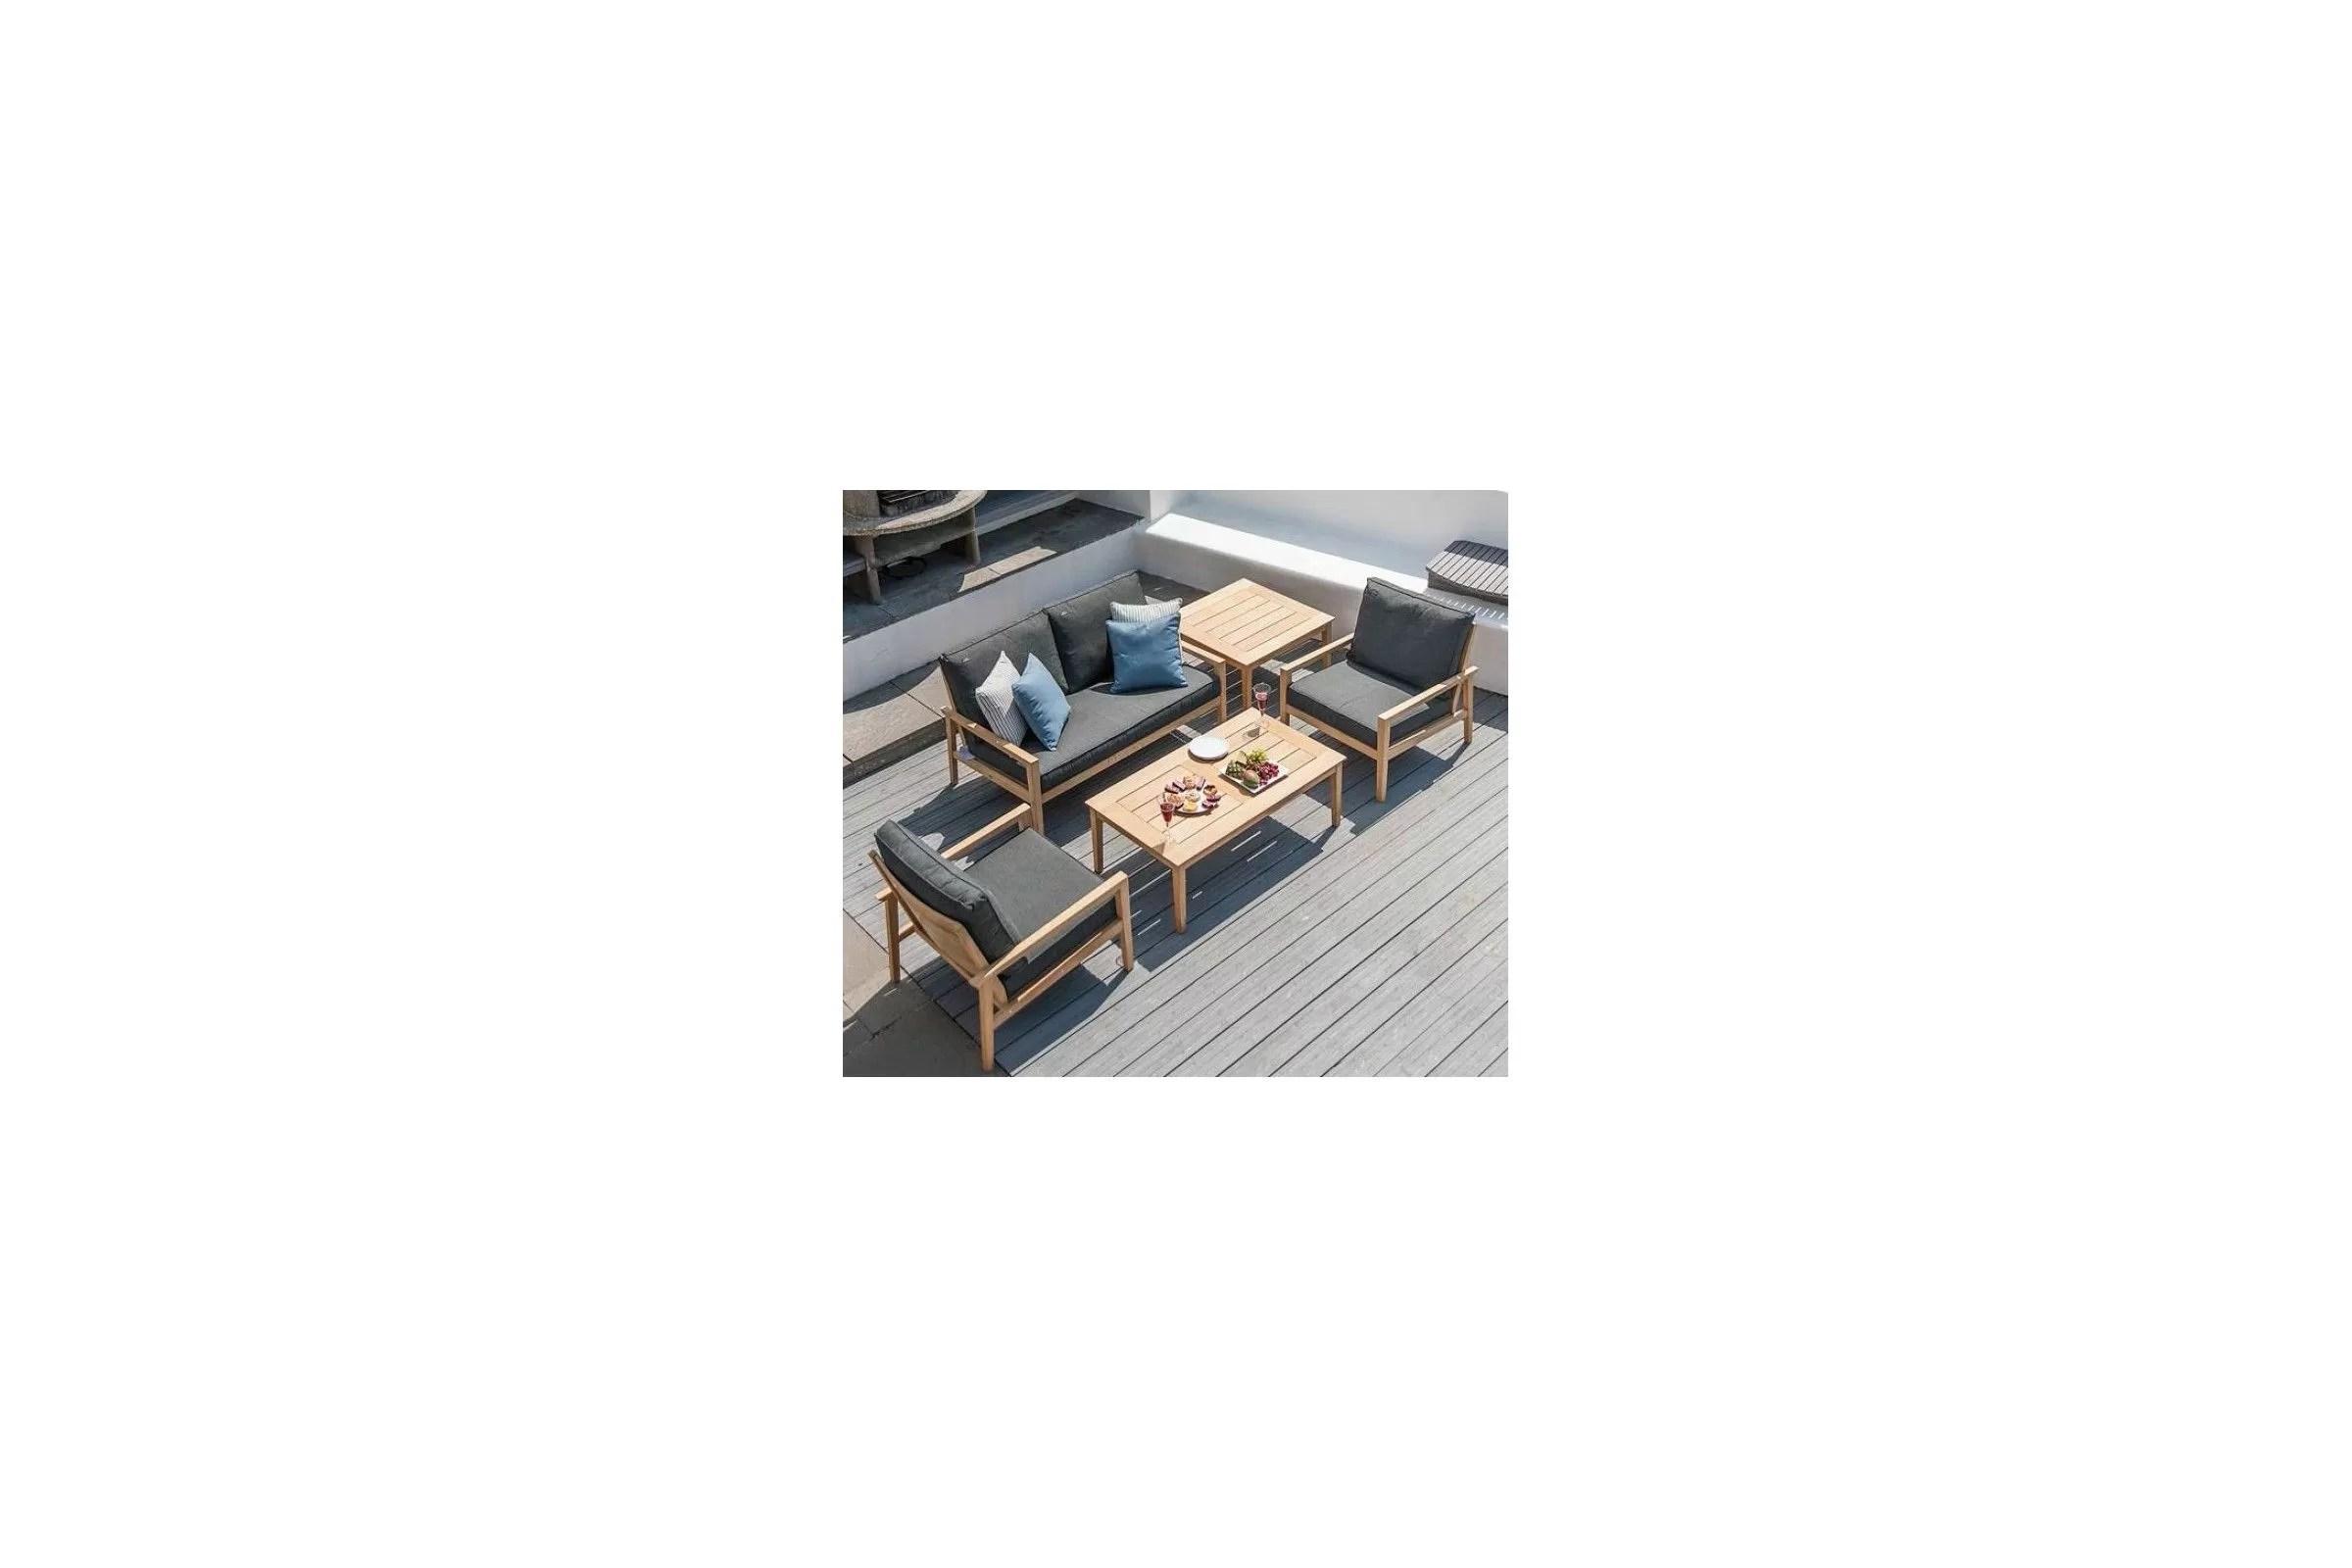 Table basse en bois pour salon de jardin 120 cm haut de gamme  La Galerie du Teck